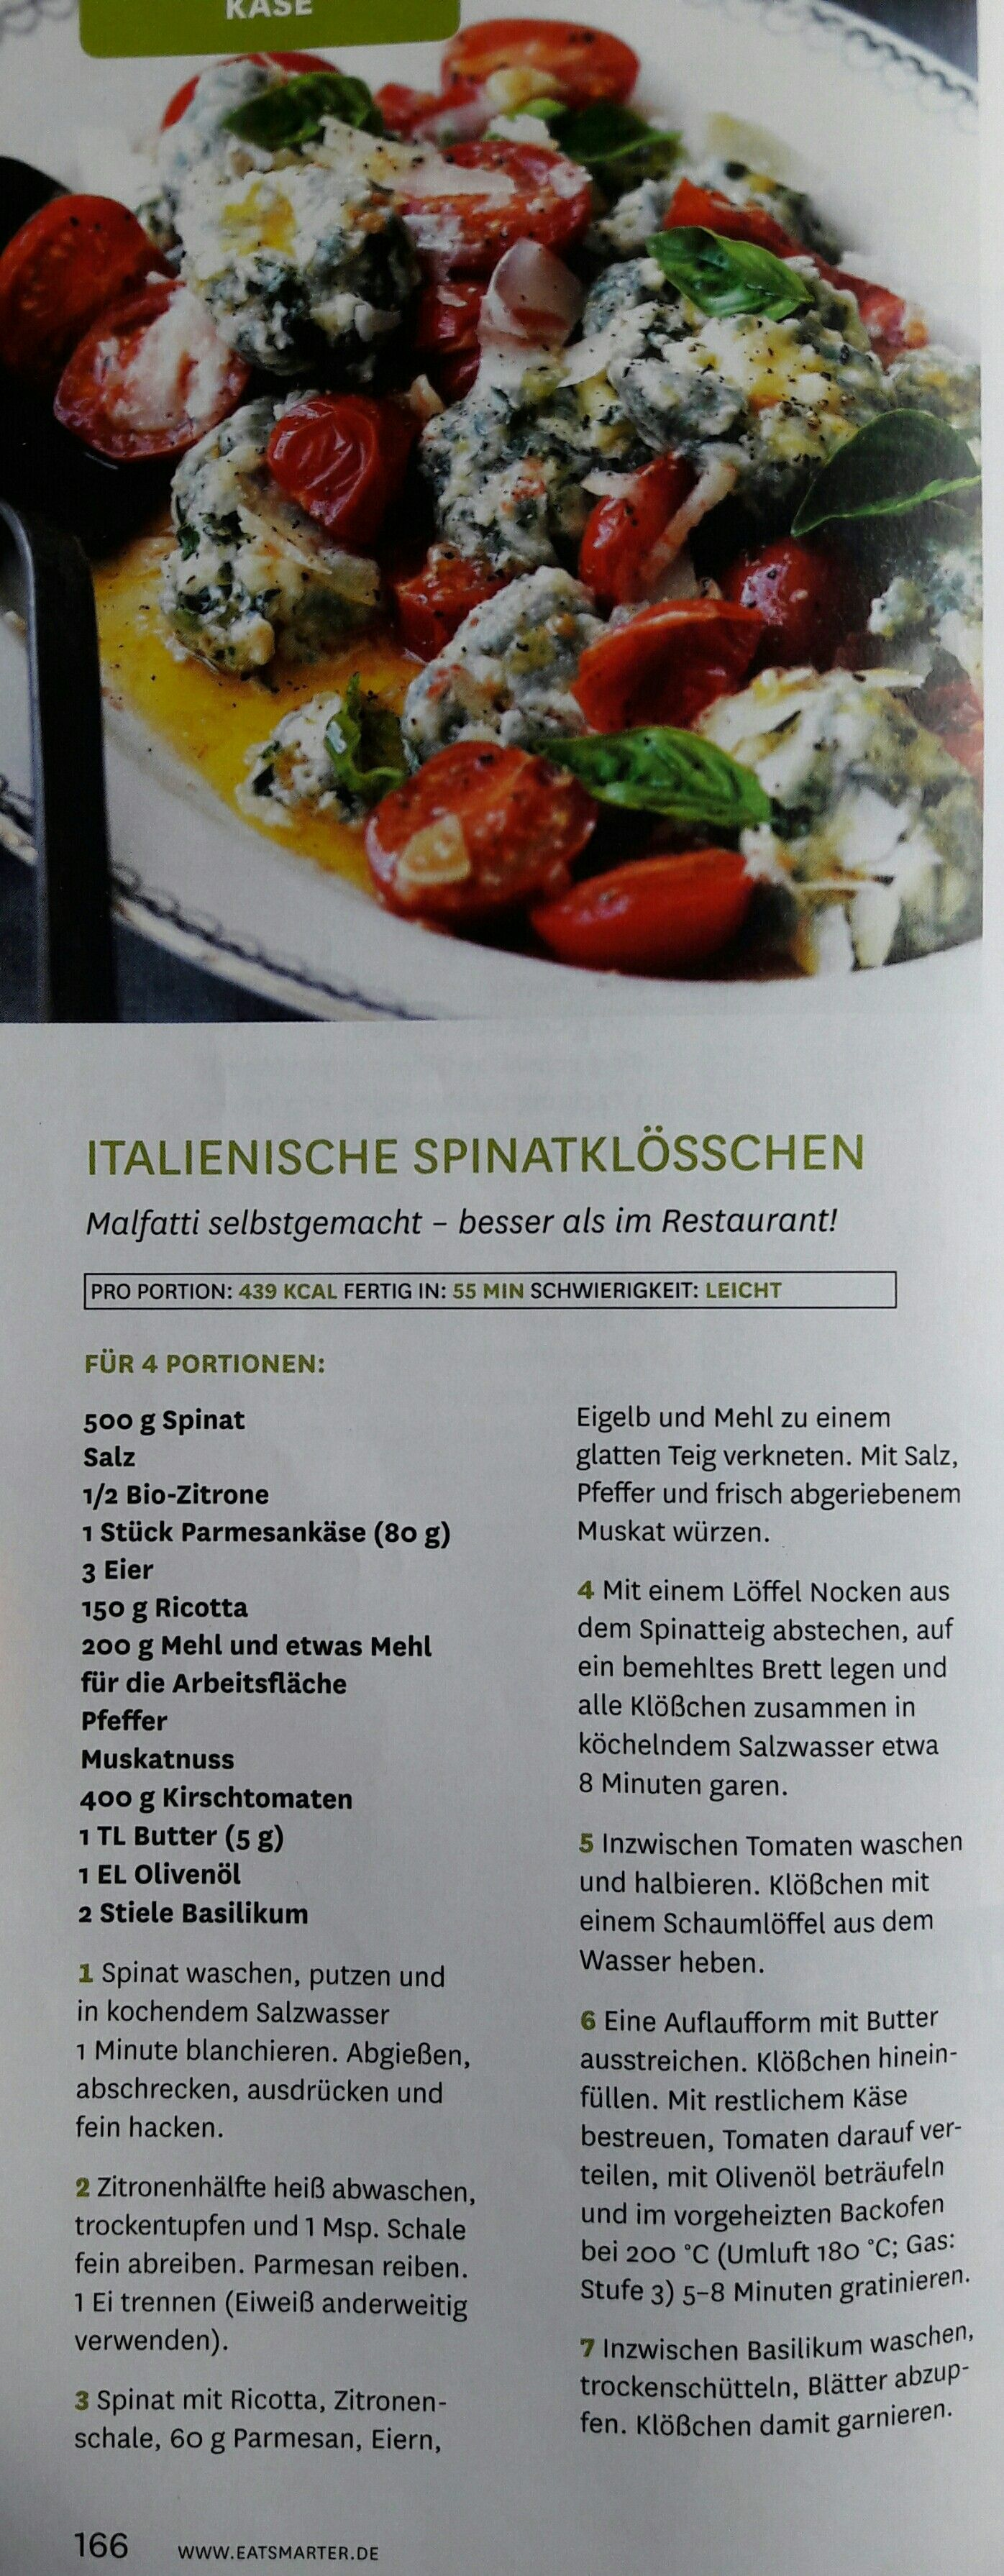 Italienische Spinatklosschen Malfatti Portionen Spinat Klosse